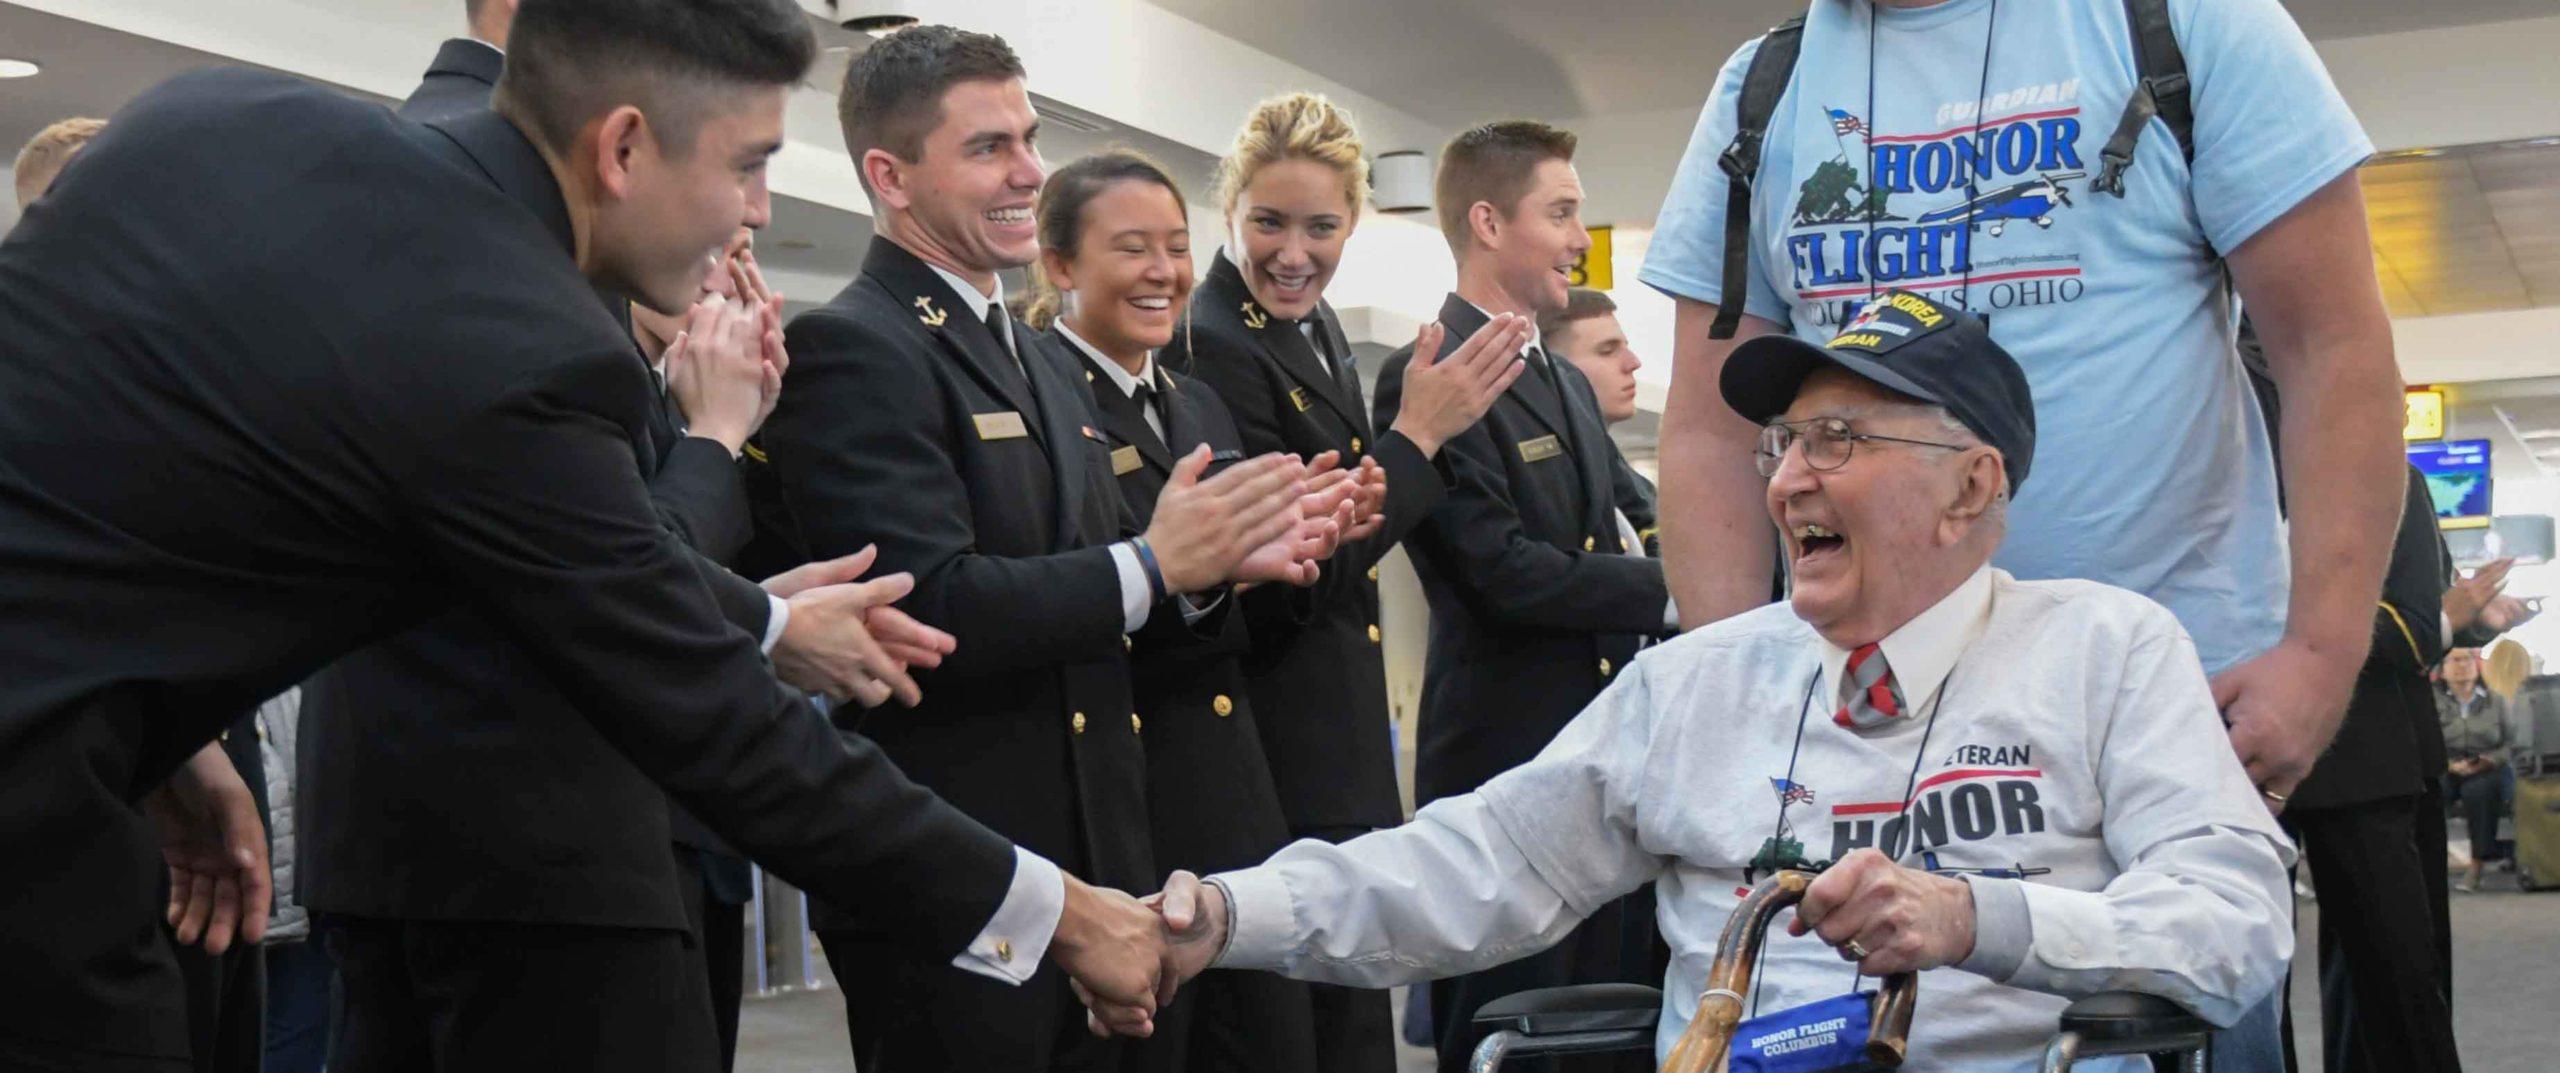 World War II, Korea and Vietnam War veterans get hero's welcome at Baltimore airport